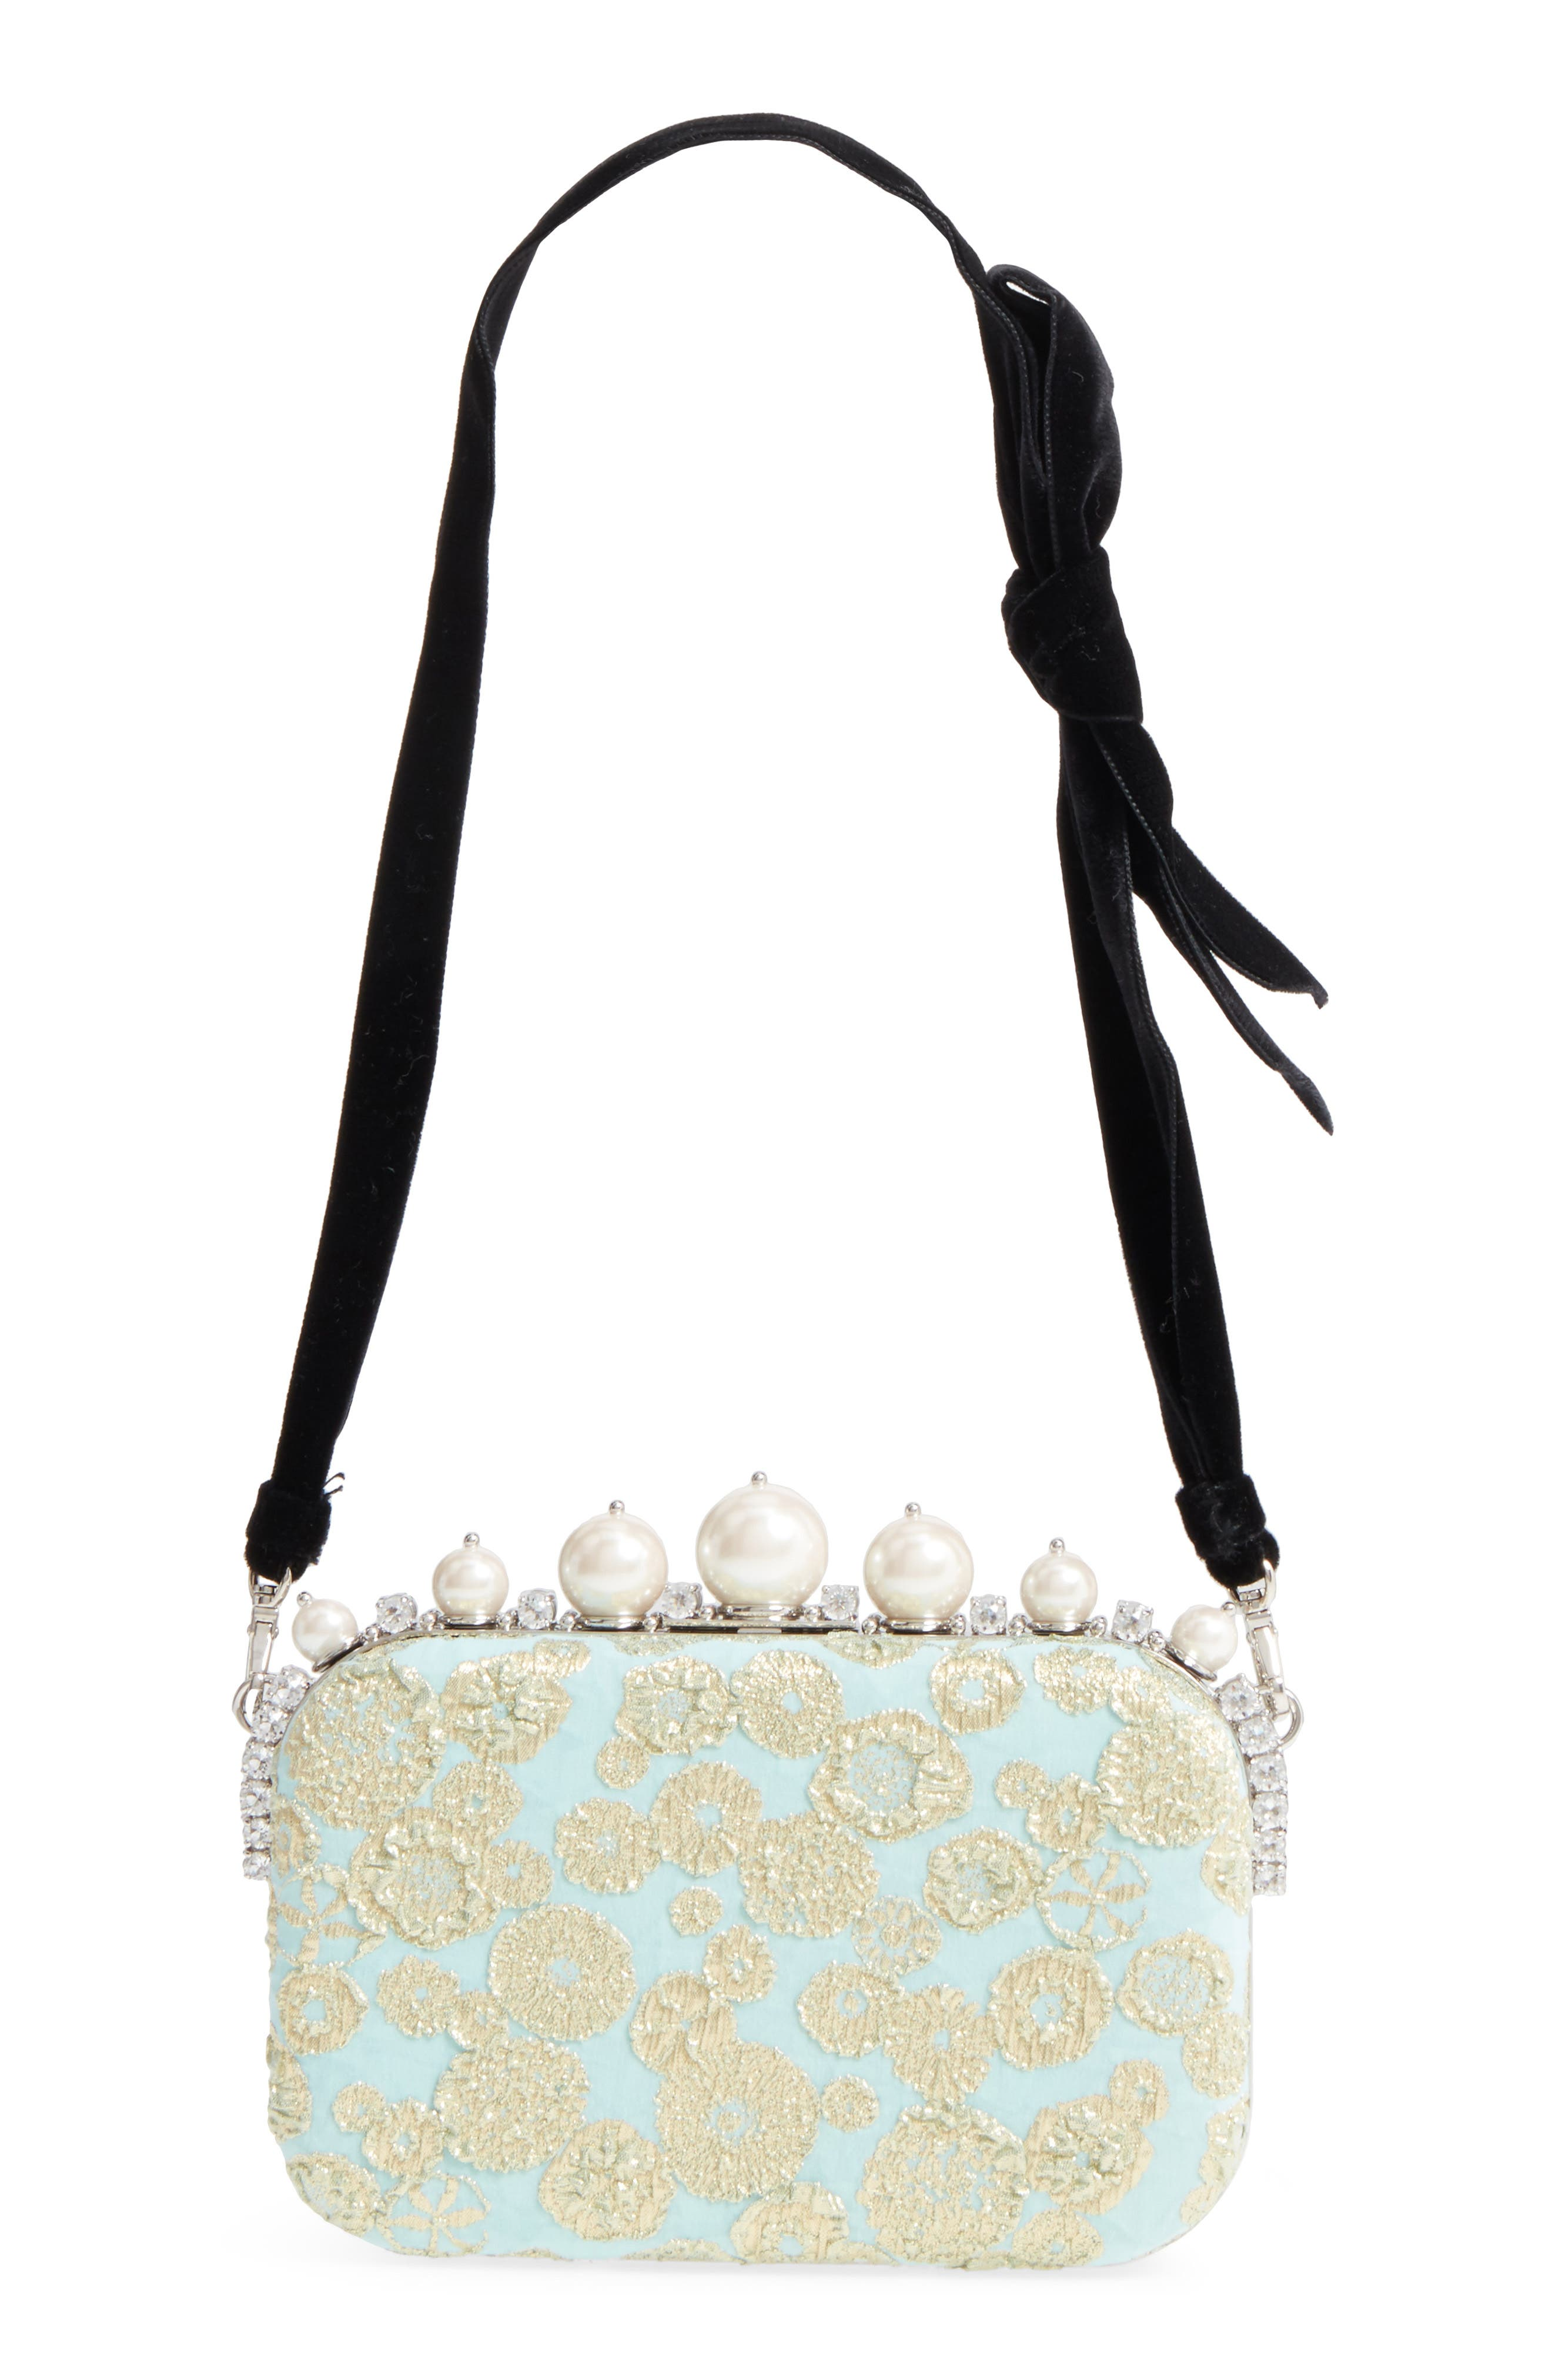 Alternate Image 1 Selected - Miu Miu Imitation Pearl & Metallic Brocade Shoulder Bag